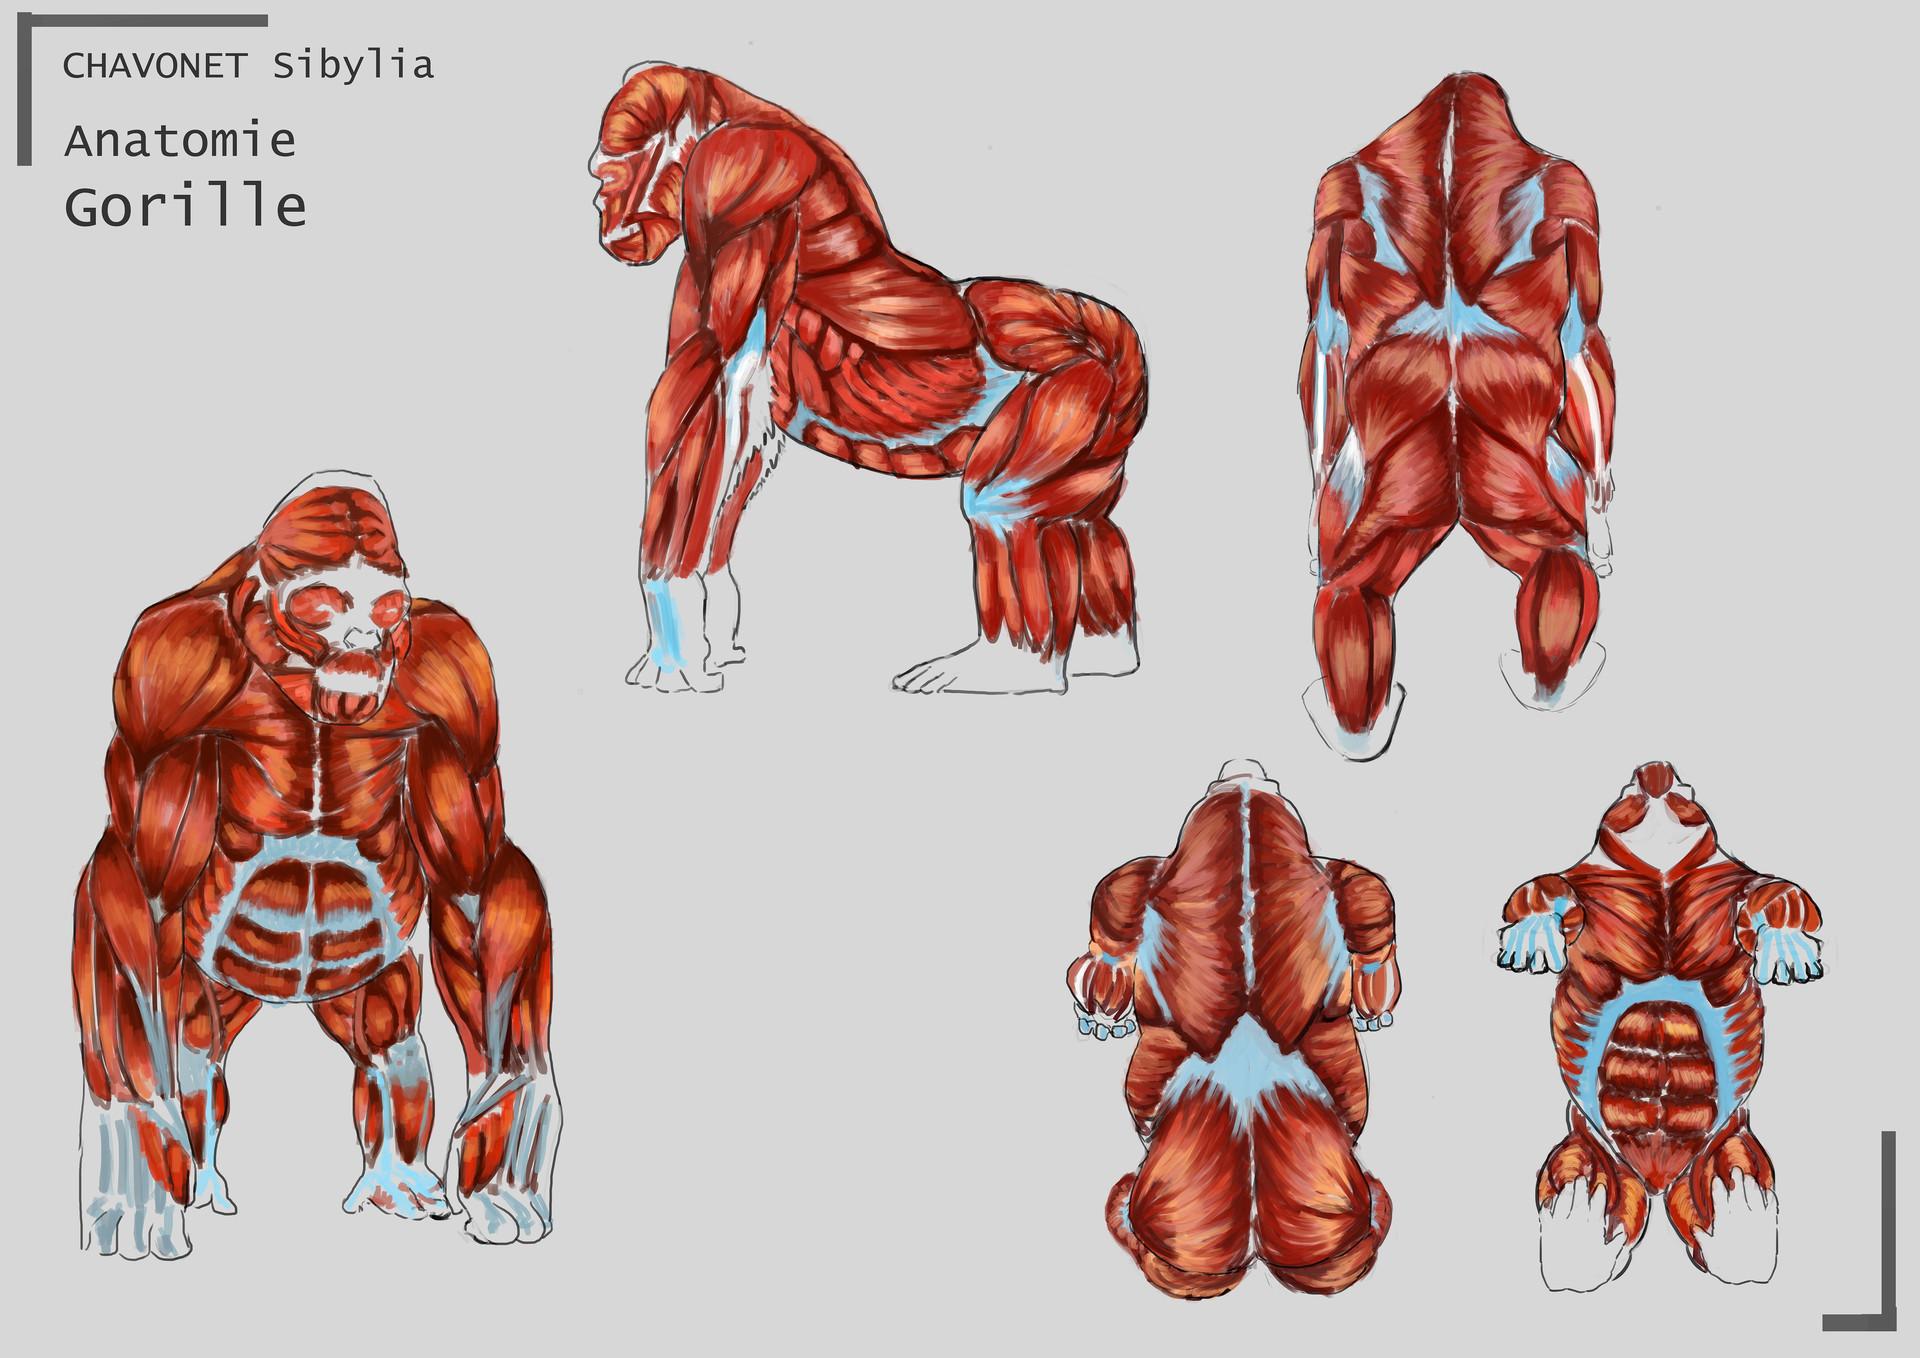 Sibylia Chavonet - Study Anatomy Gorilla